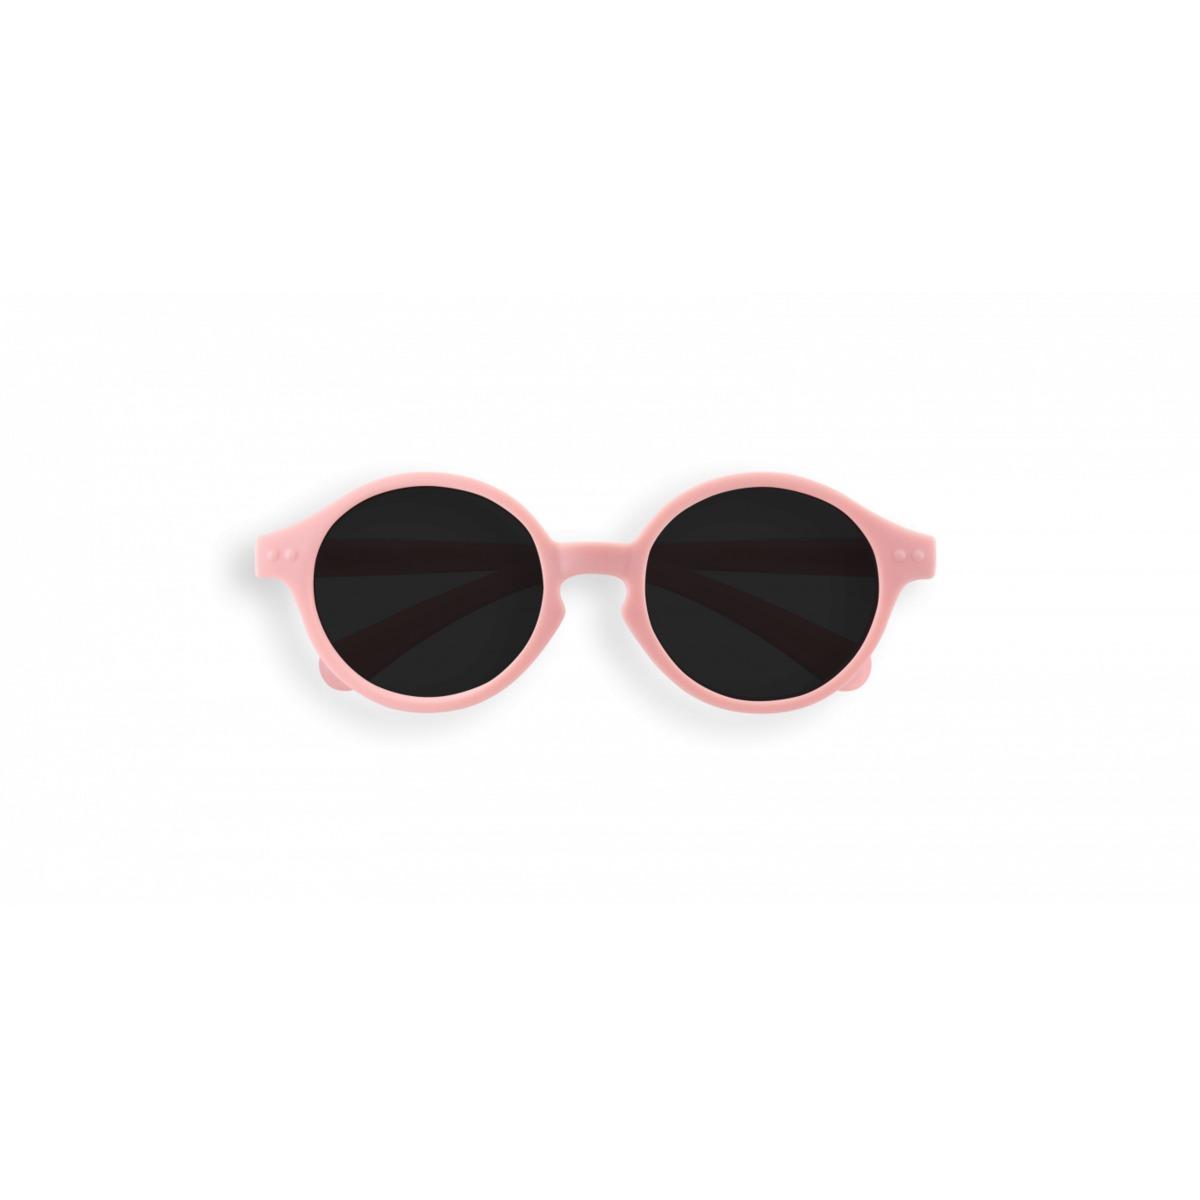 Accessoires bébé Lunettes de Soleil Pastel Pink - 12/36 Mois Lunettes de Soleil Pastel Pink - 12/36 Mois